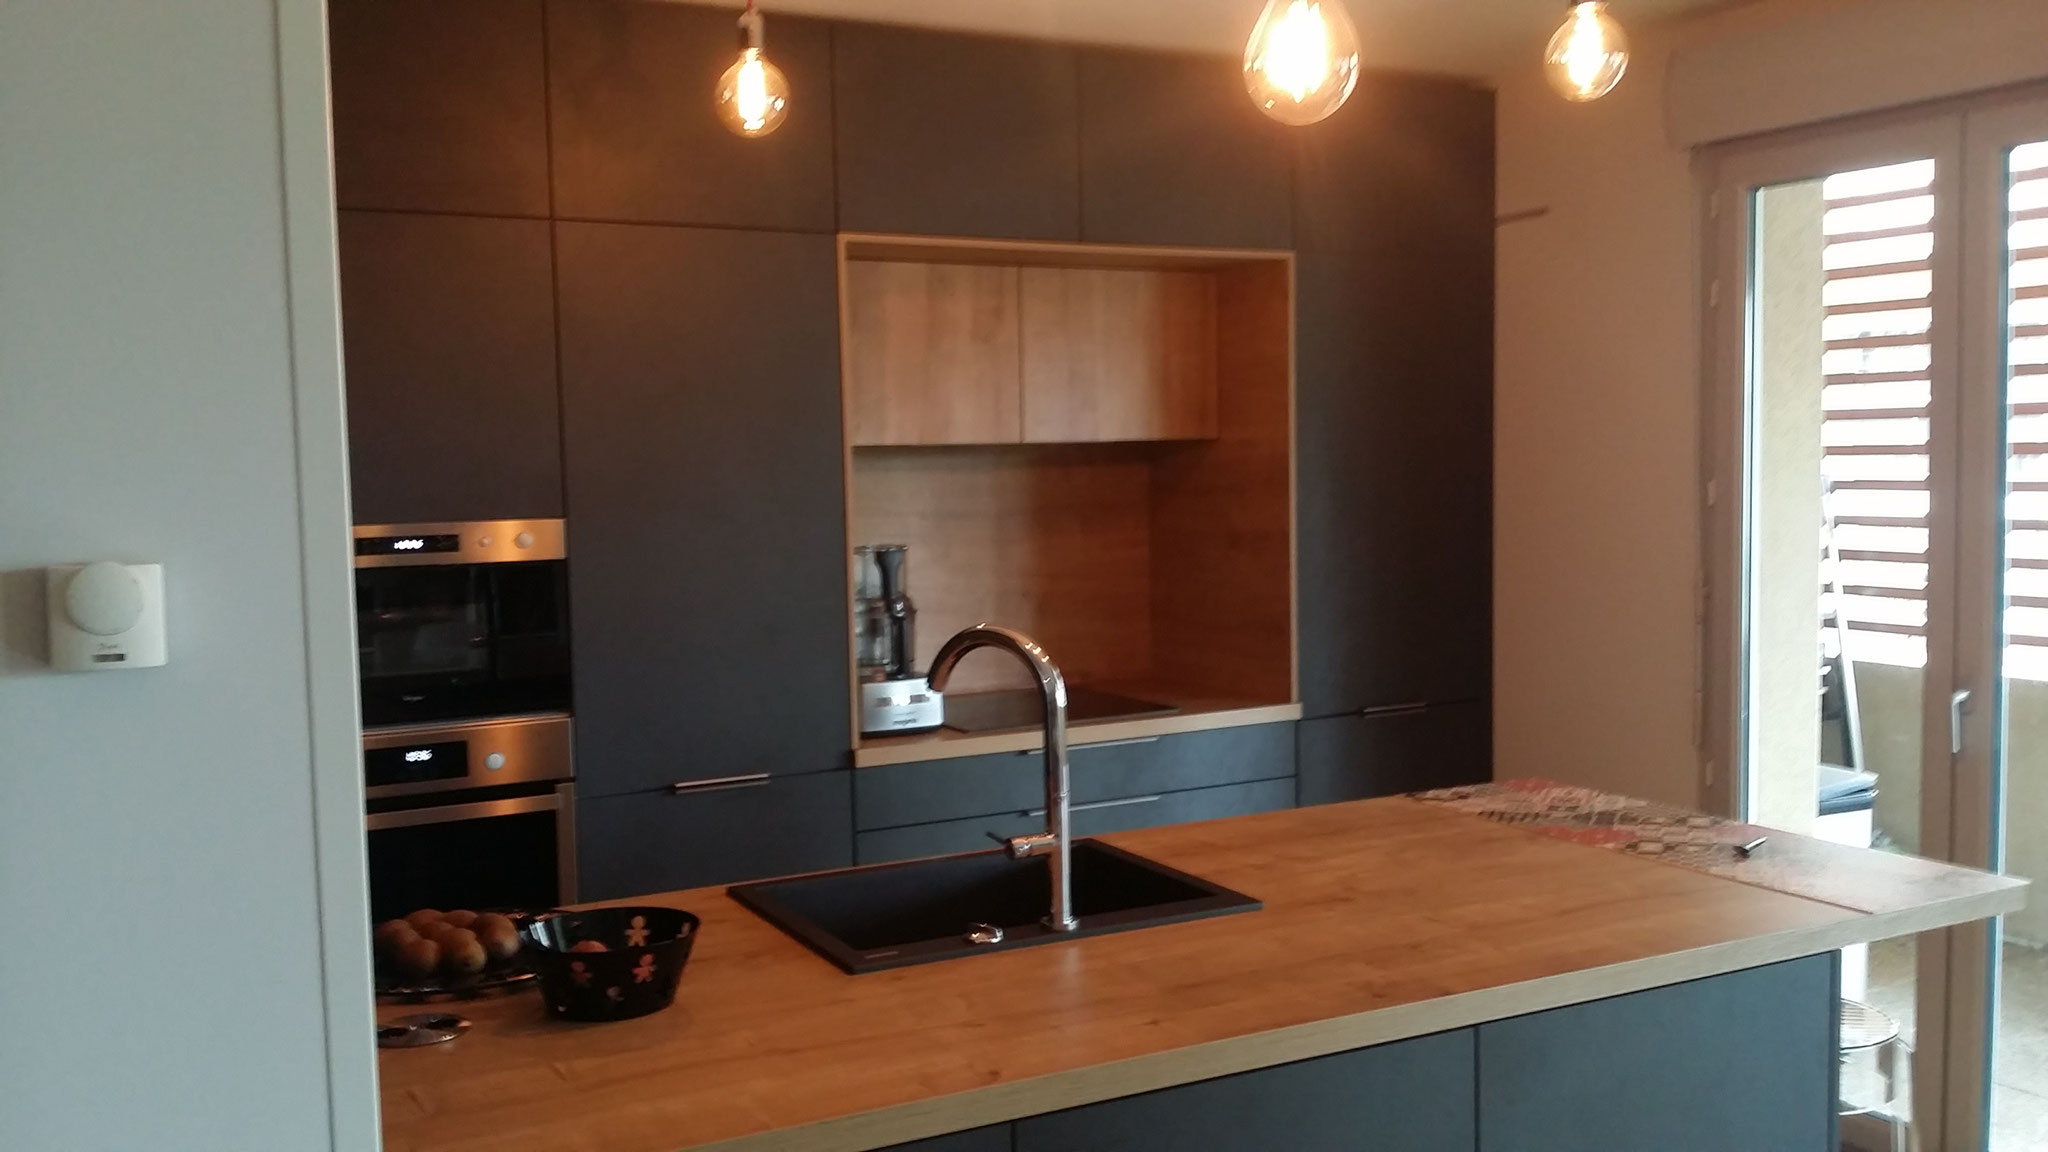 espace cuisson en niche entre les armoires hotte dissimulée par cuisine design Toulouse